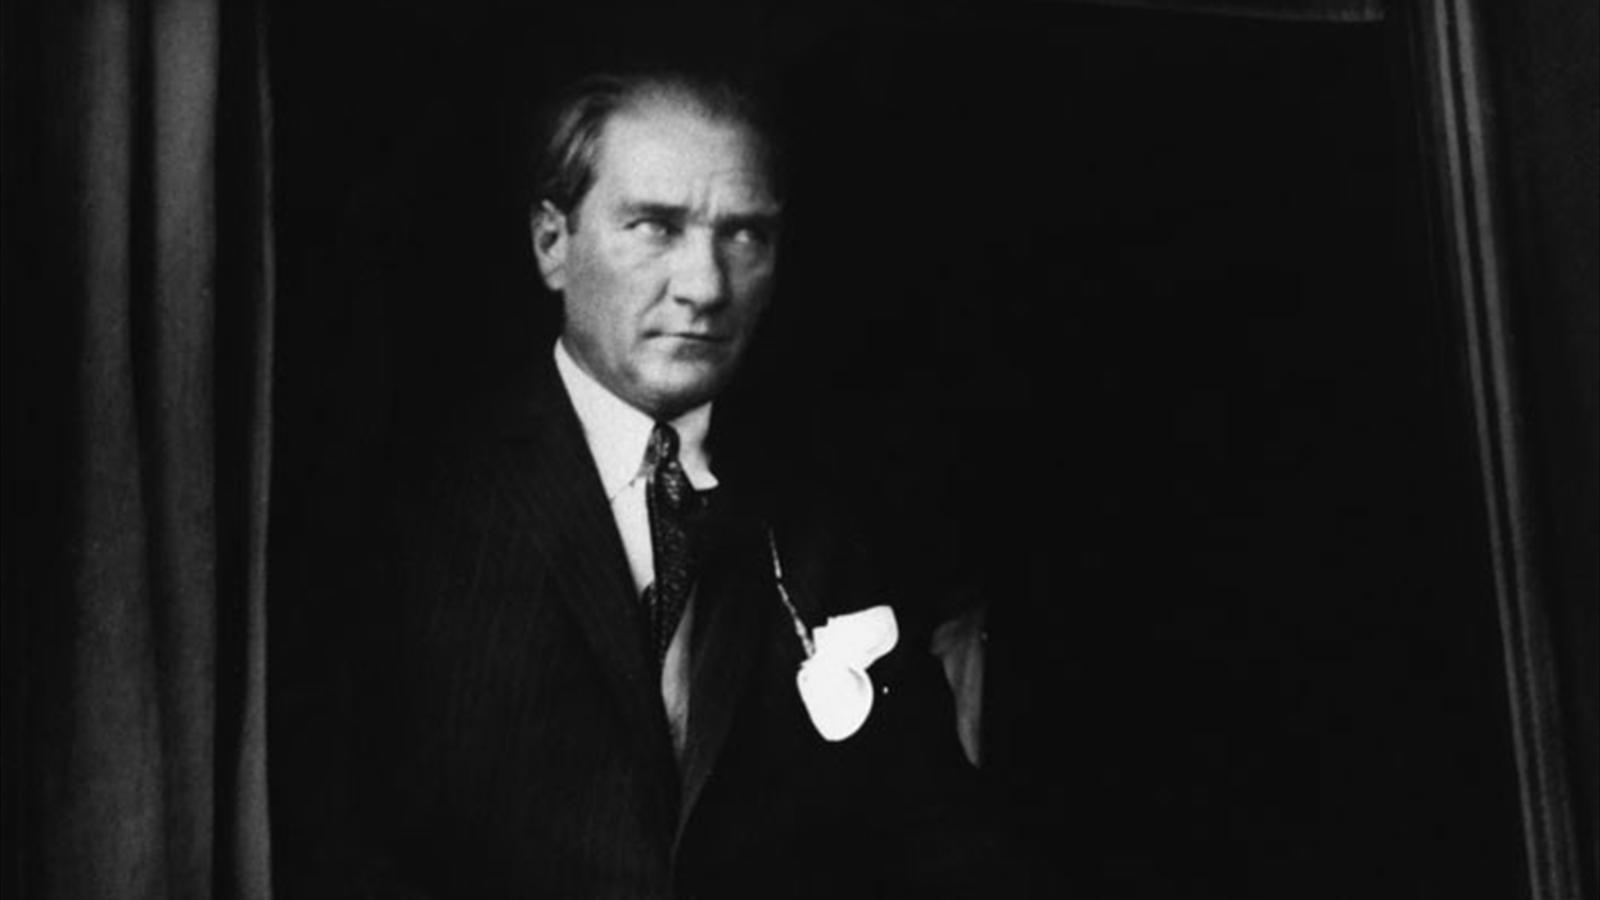 AKP'li vekil: Atatürk'ün ölümü de şüpheli